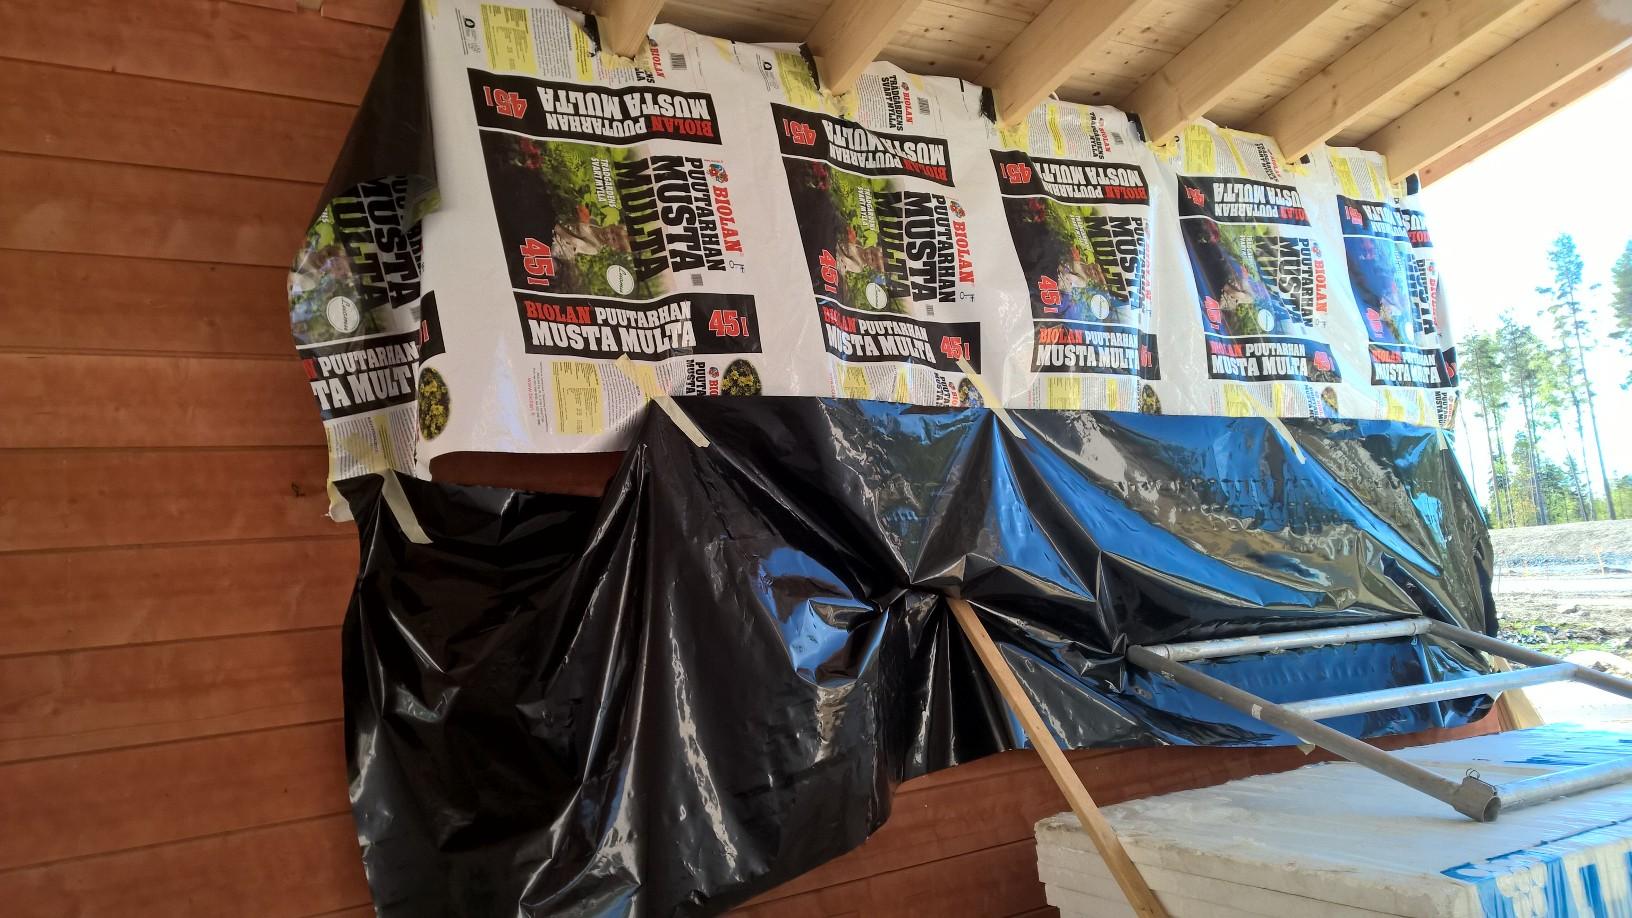 Kuultokäsitelty varaston seinä on varmuuden vuoksi suojattu muovilla, kun maalataan autokatoksen kattoa.